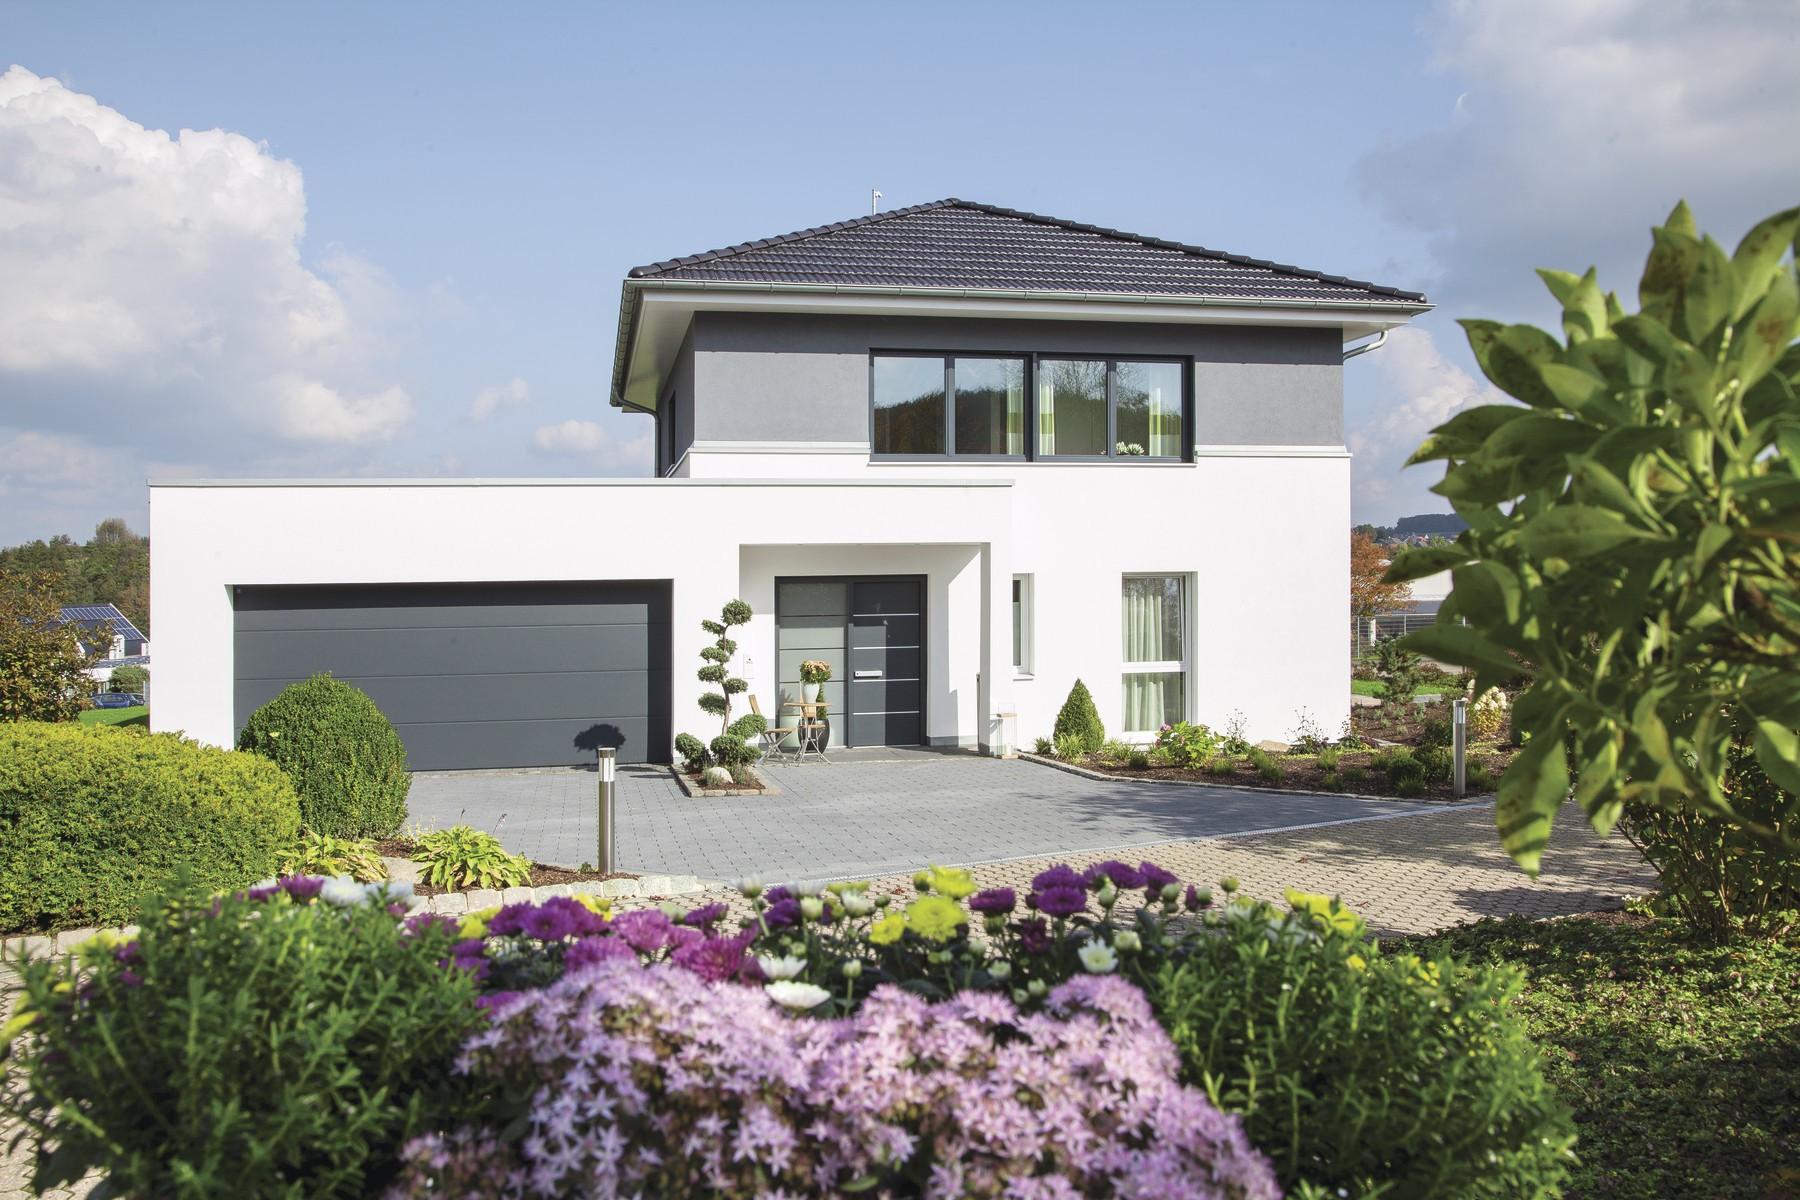 Bezaubernd Windfang Hauseingang Geschlossen Foto Von Die Stadtvilla In Neuem Gewand